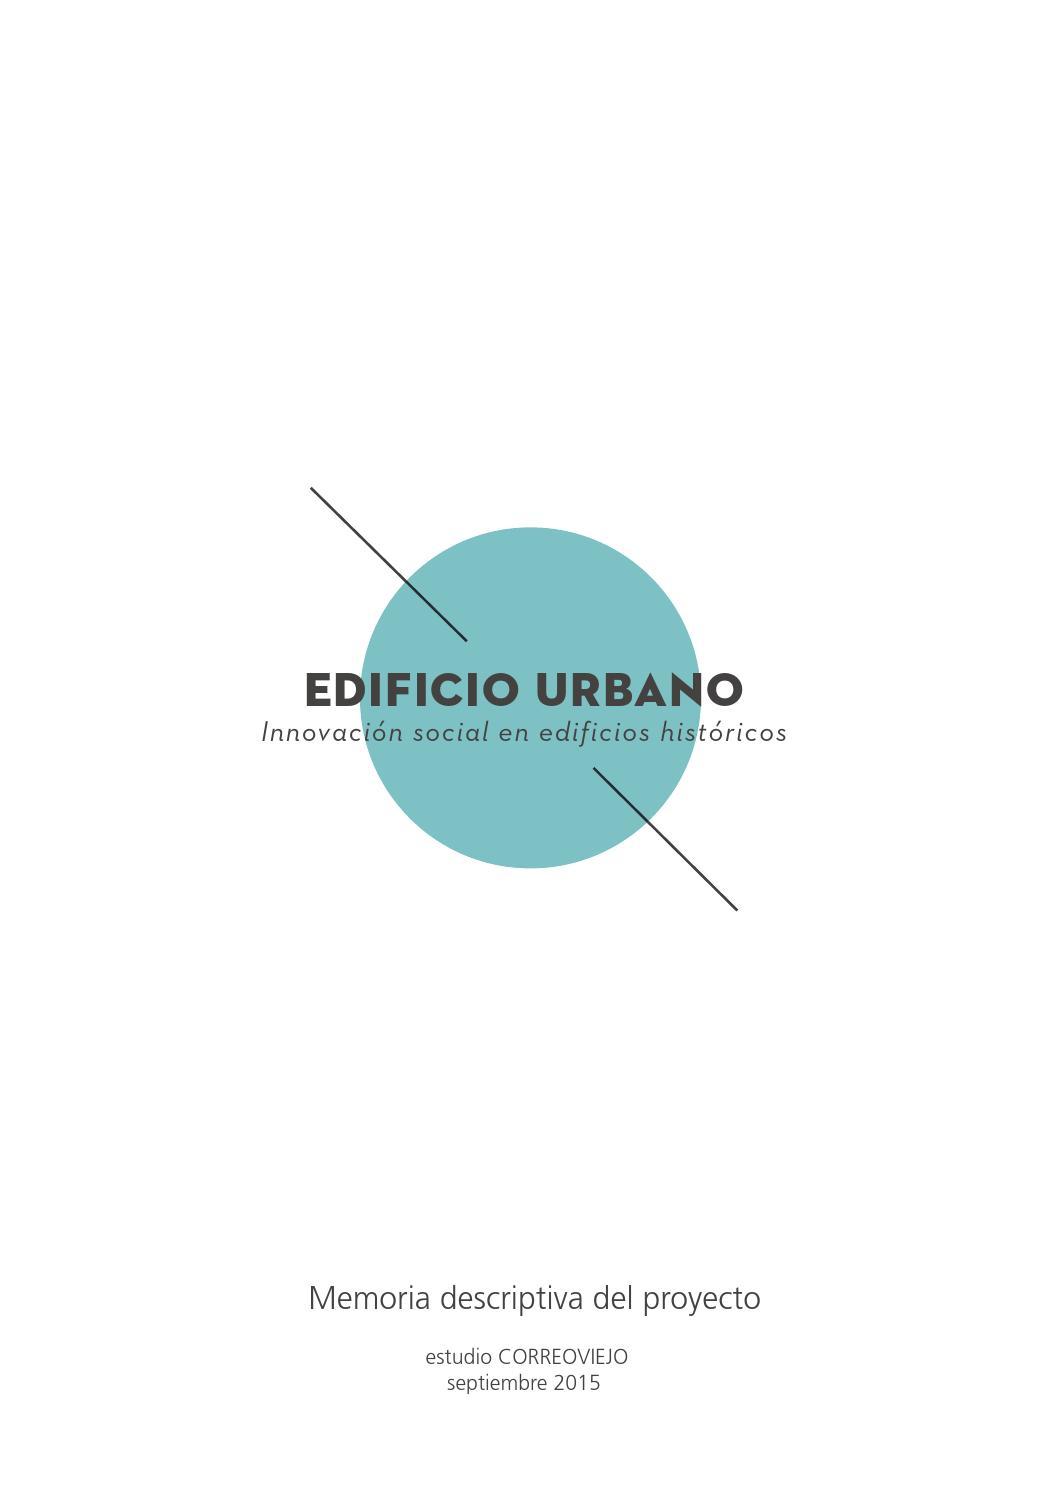 2015 memoria descriptiva del edificio urbano by estudio for Memoria descriptiva arquitectura